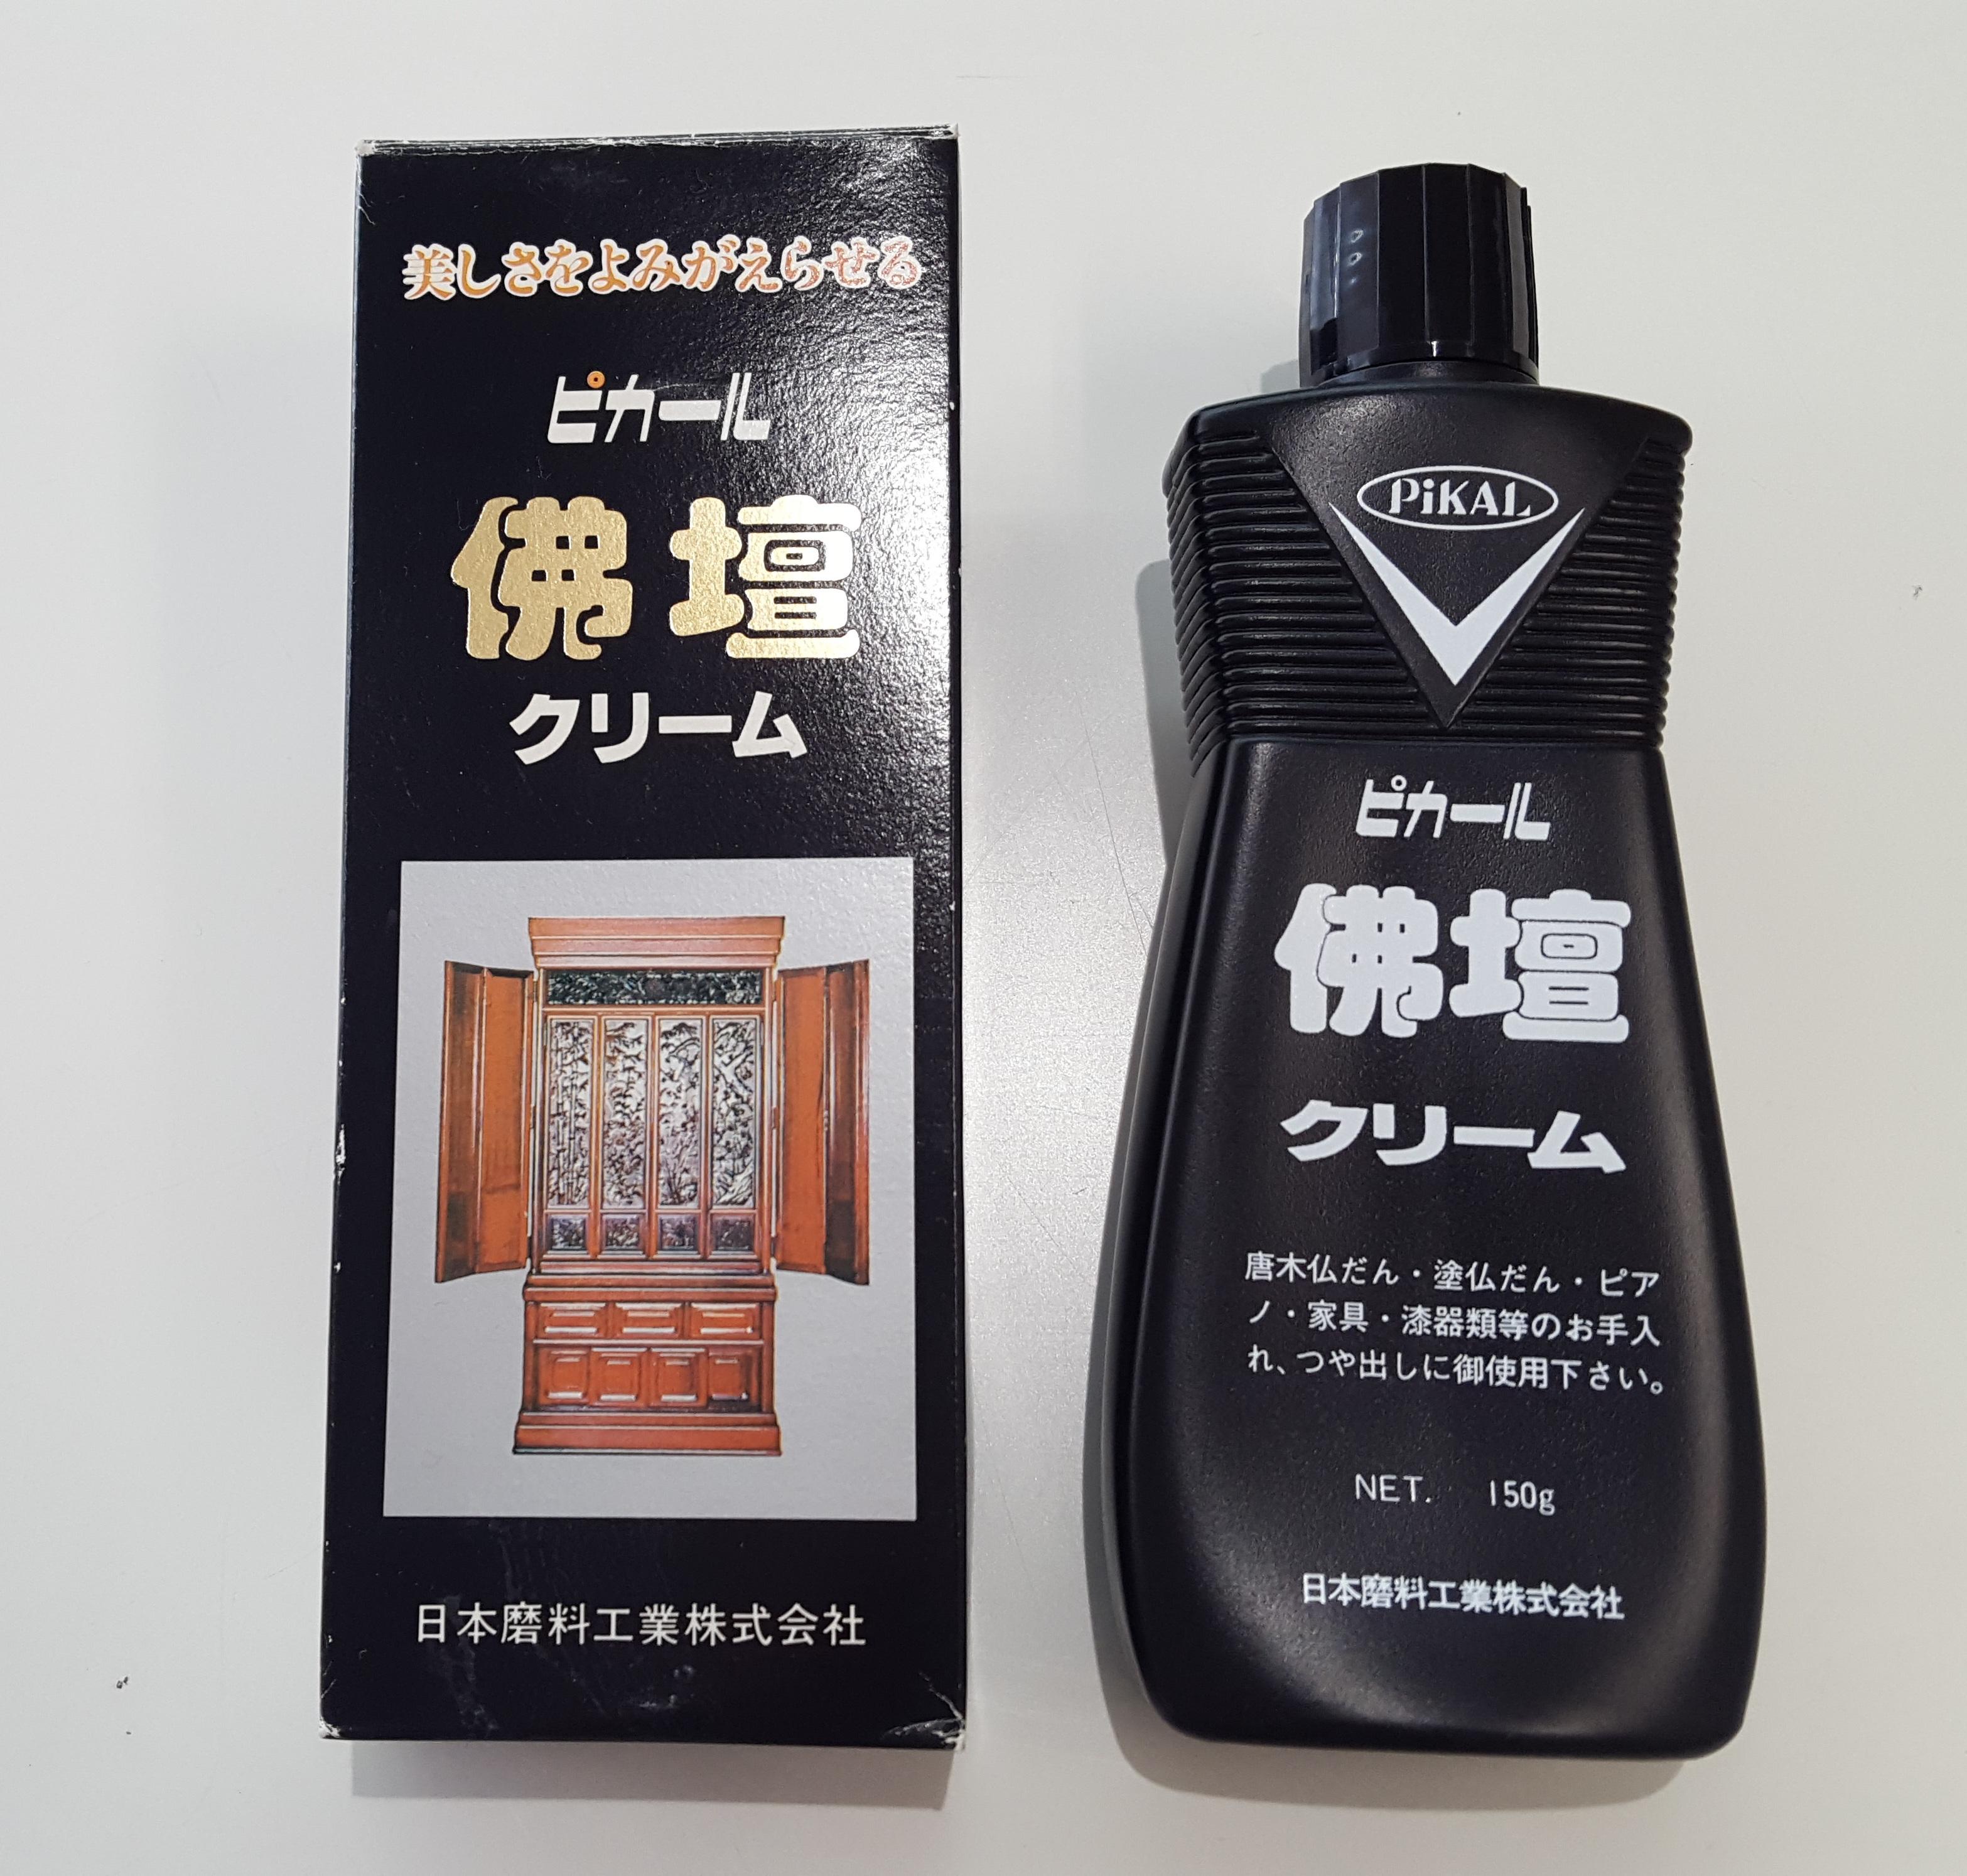 https://www.morita-stone.co.jp/weblog/img/20170906_100251.jpg